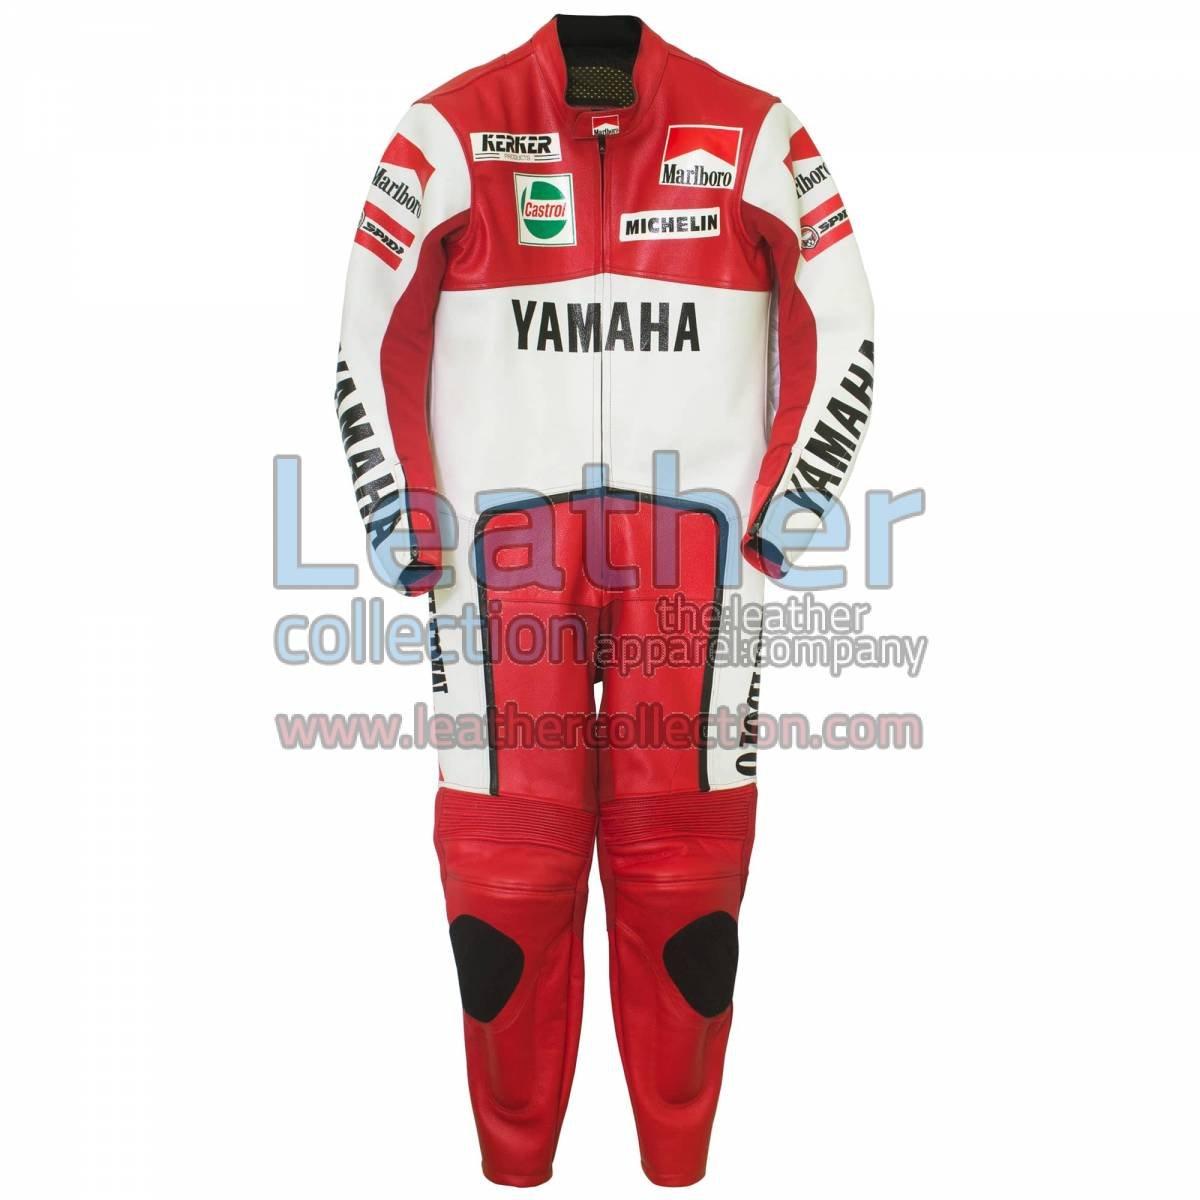 Eddie Lawson Marlboro Yamaha GP 1984 Suit